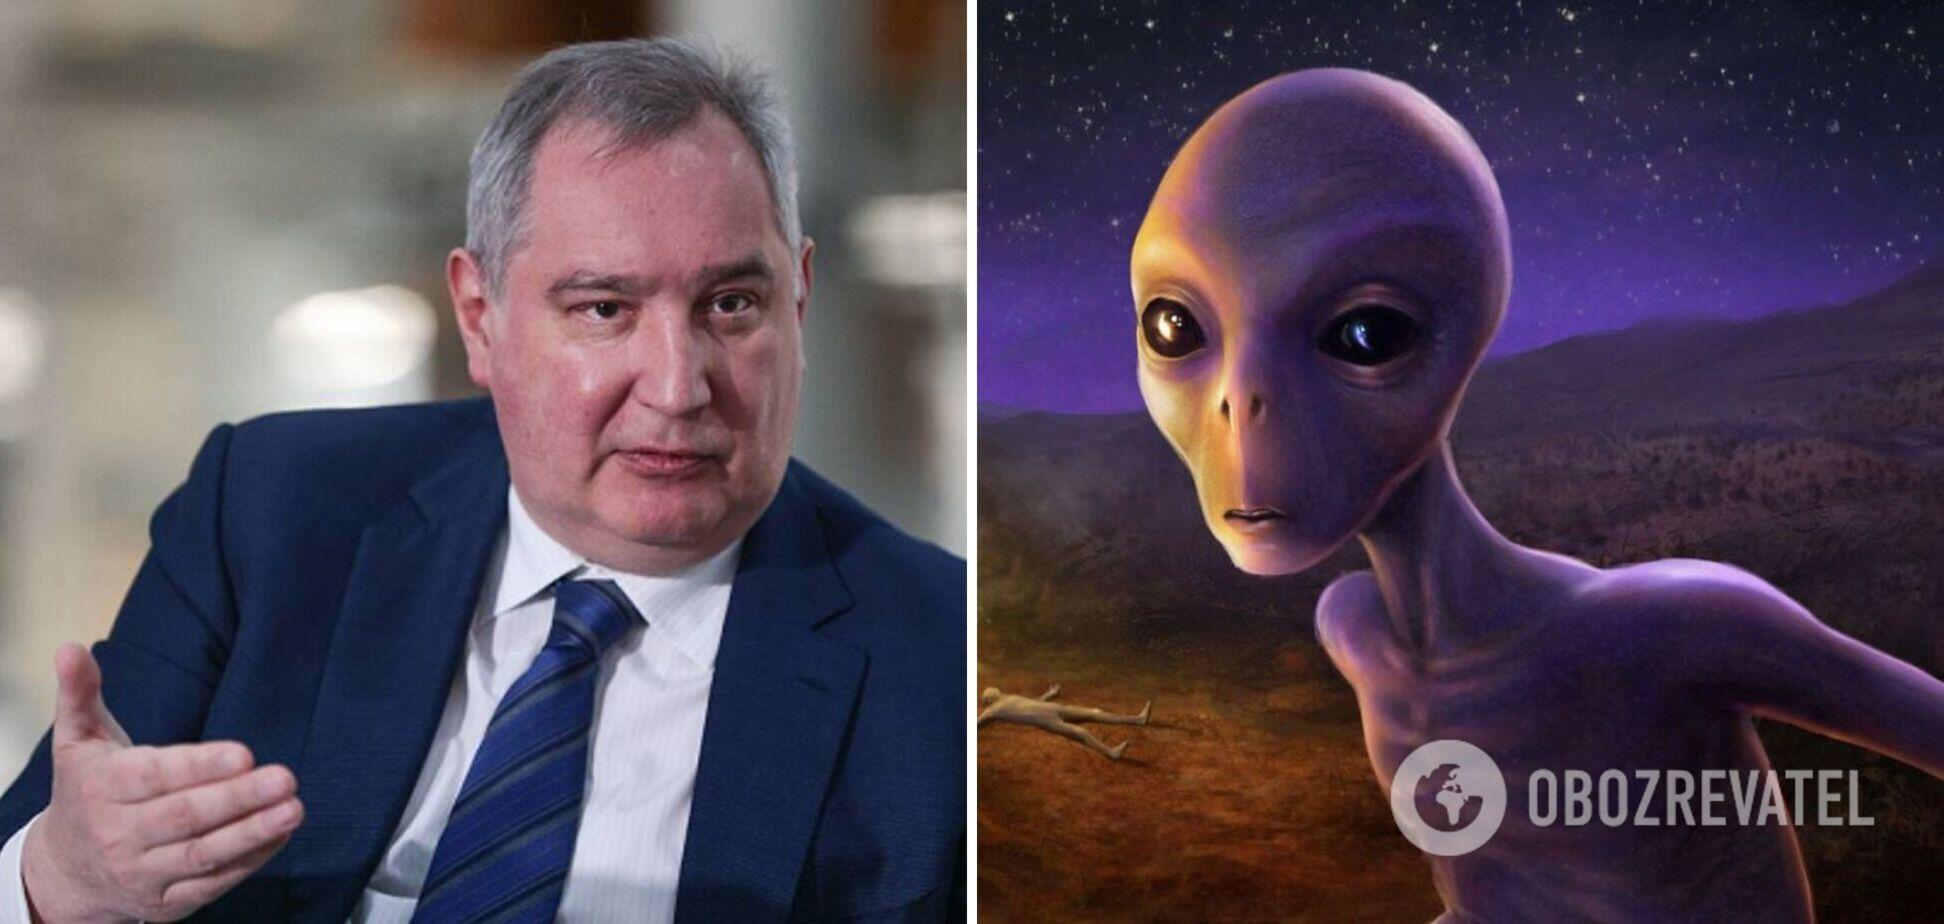 Головний 'космонавт' Путіна сказав про існування гуманоїдних інопланетян і розвеселив мережу